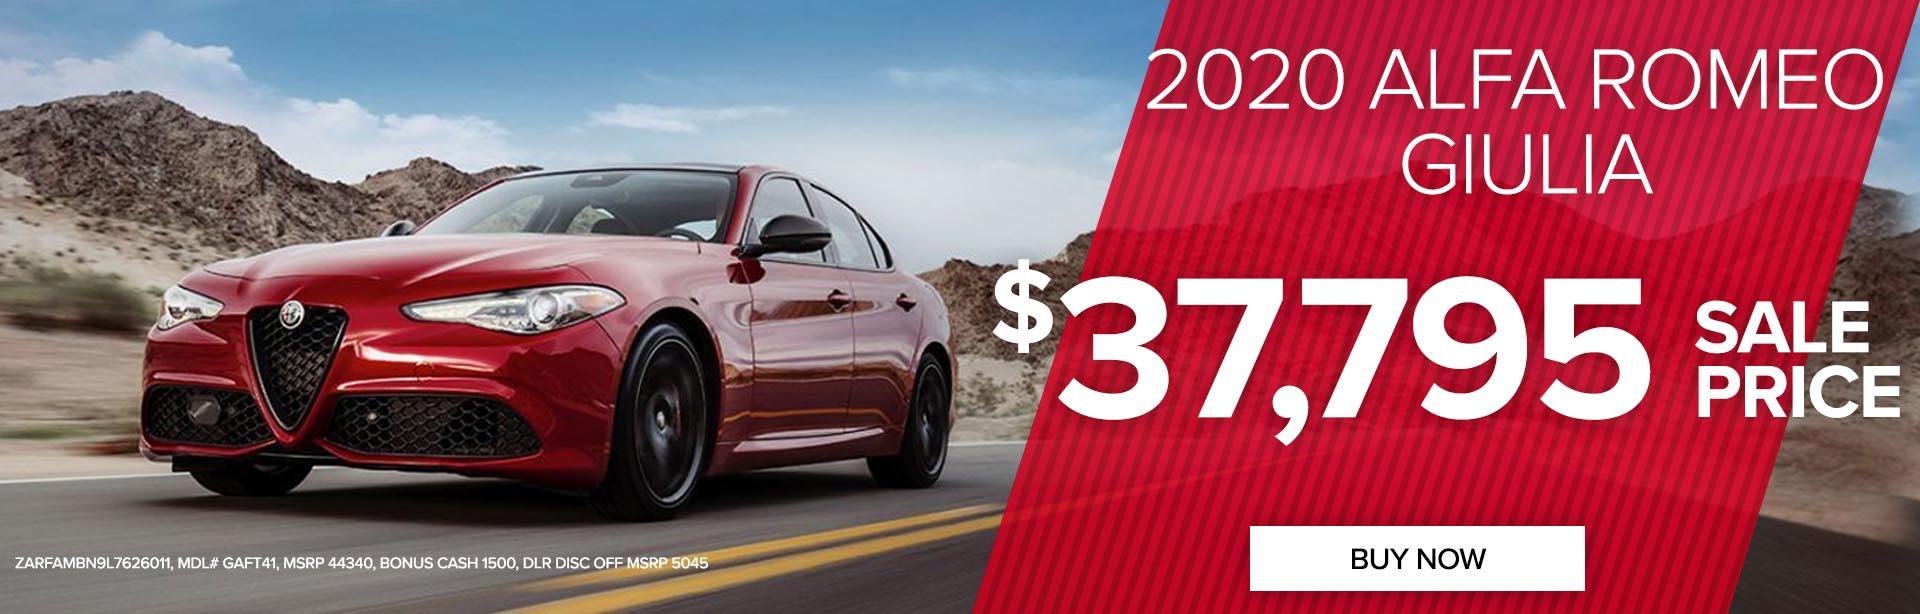 Get a 2020 Alfa Romeo Giulia for $37,695!